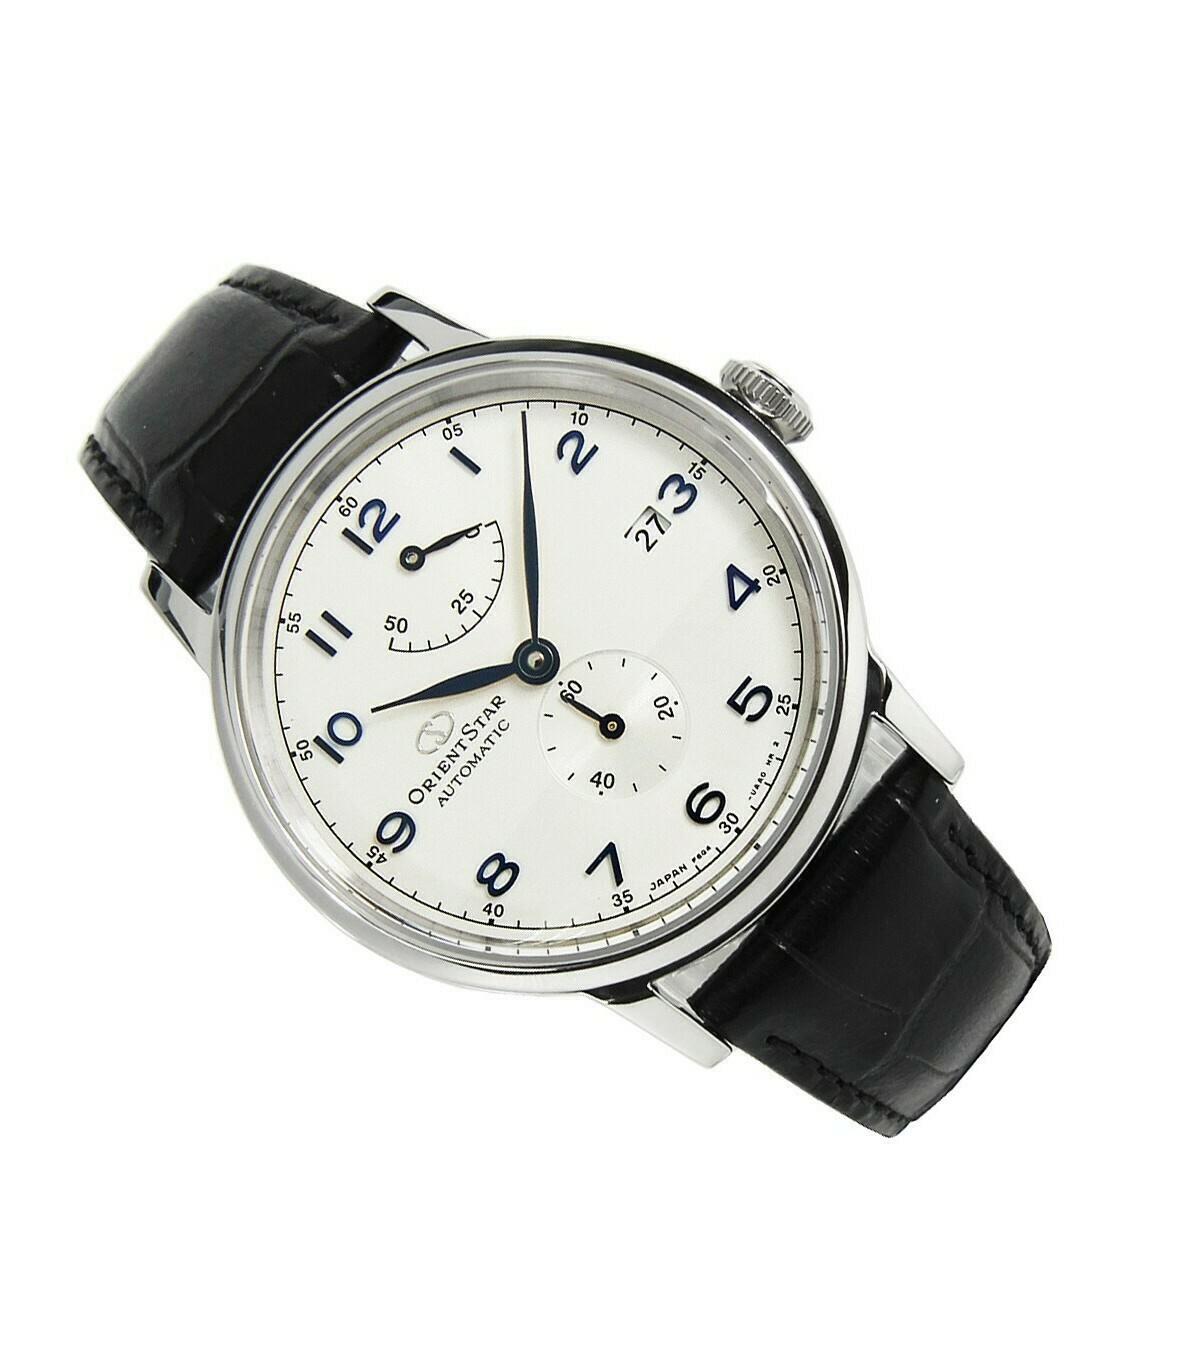 Reloj Automático Hombre Orient Star RE-AW0004S Cristal Zafiro Correa Cuero